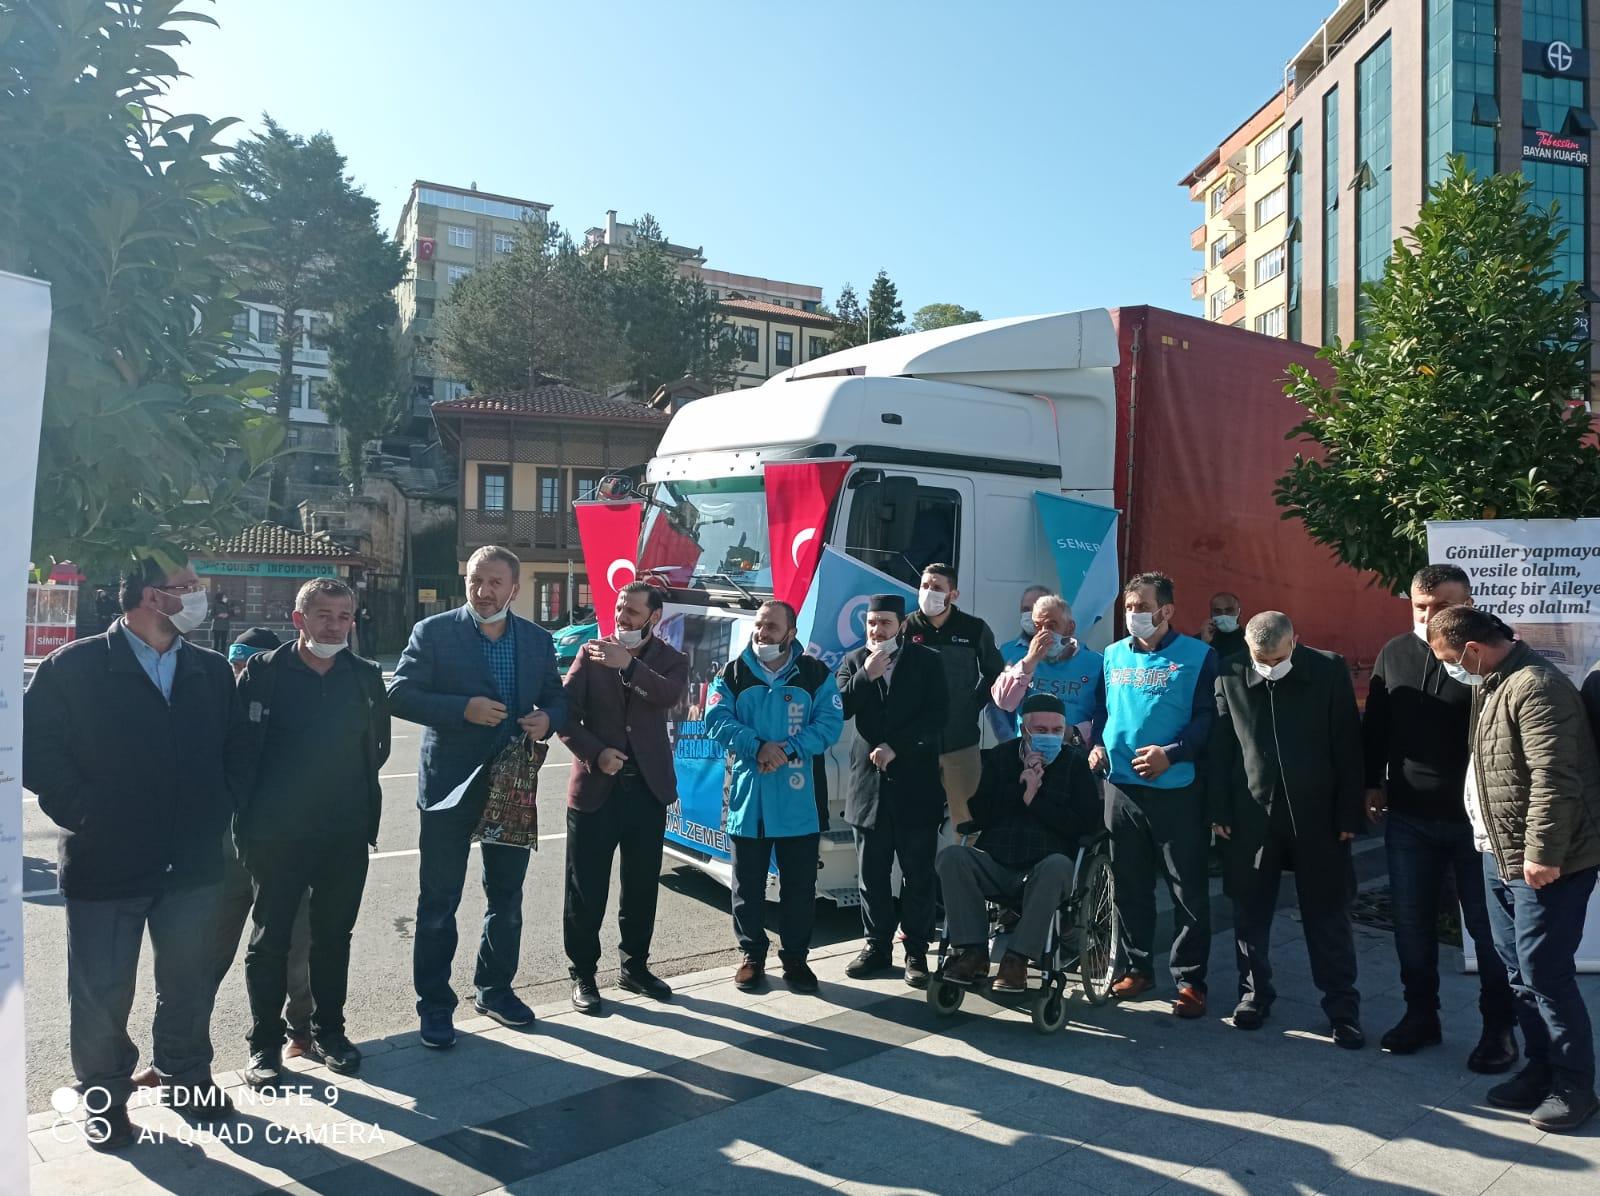 Mobil Aşevimiz İzmir'de Faaliyet Göstermeye Devam Ediyor.